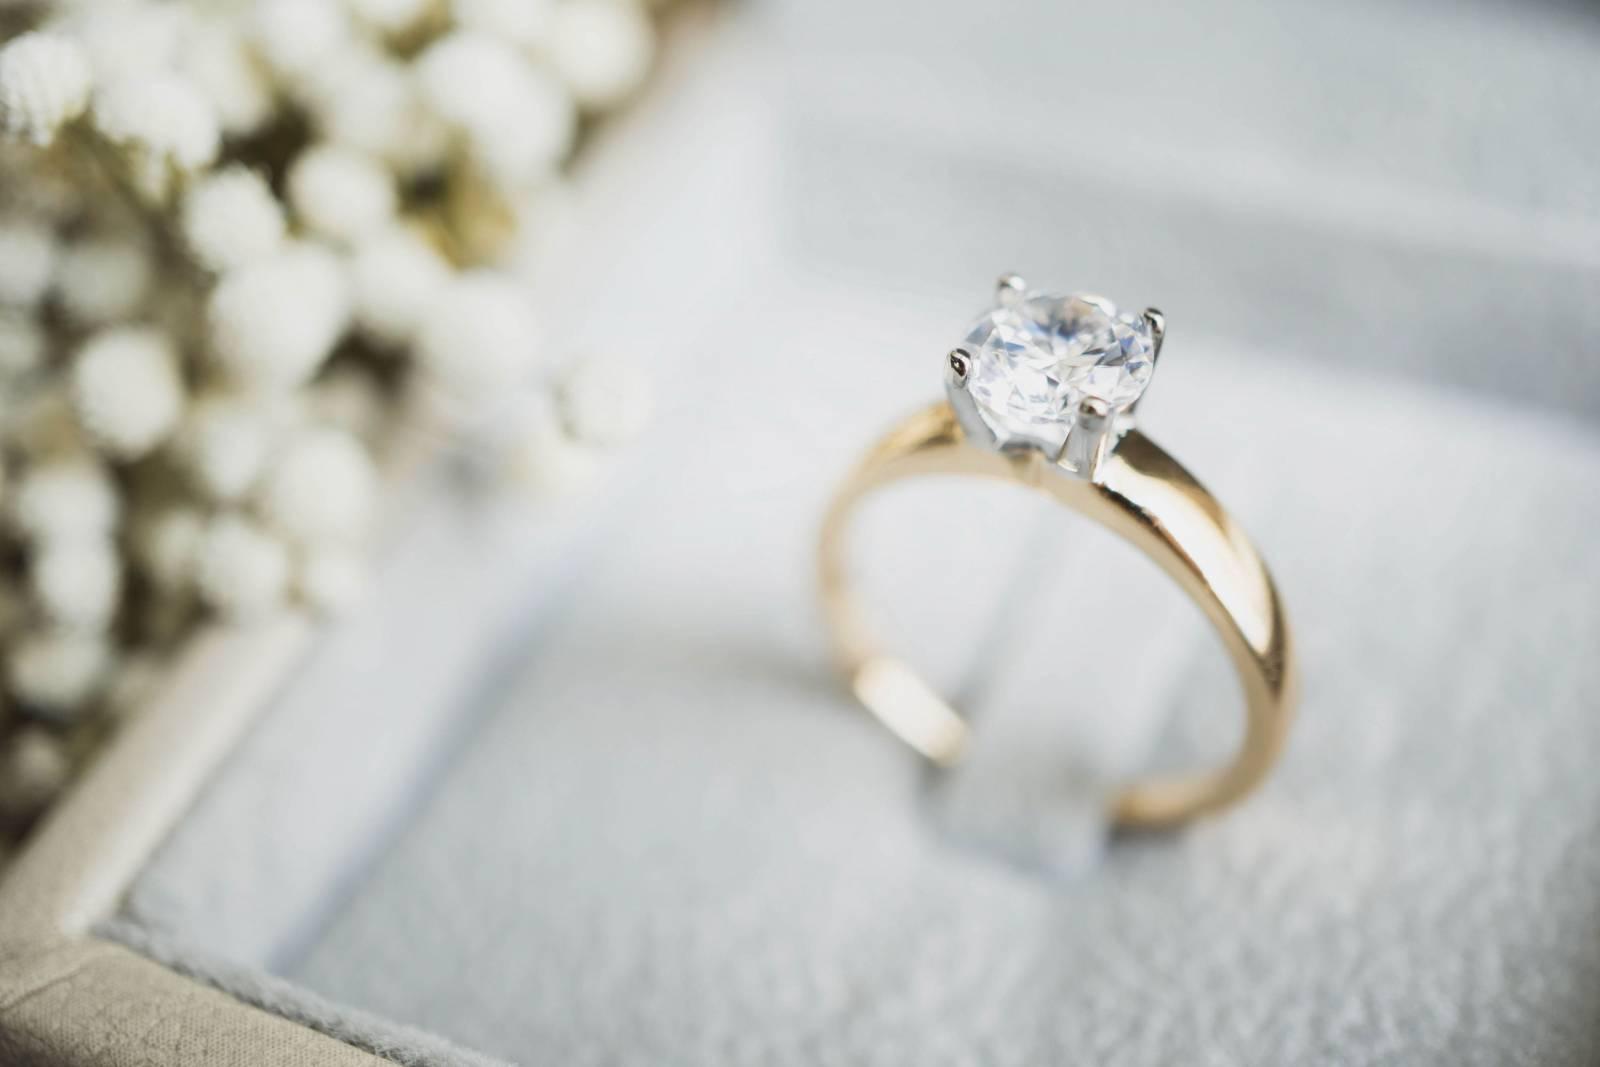 Jewels by Christiaan Van Bignoot - House of Weddings - 23